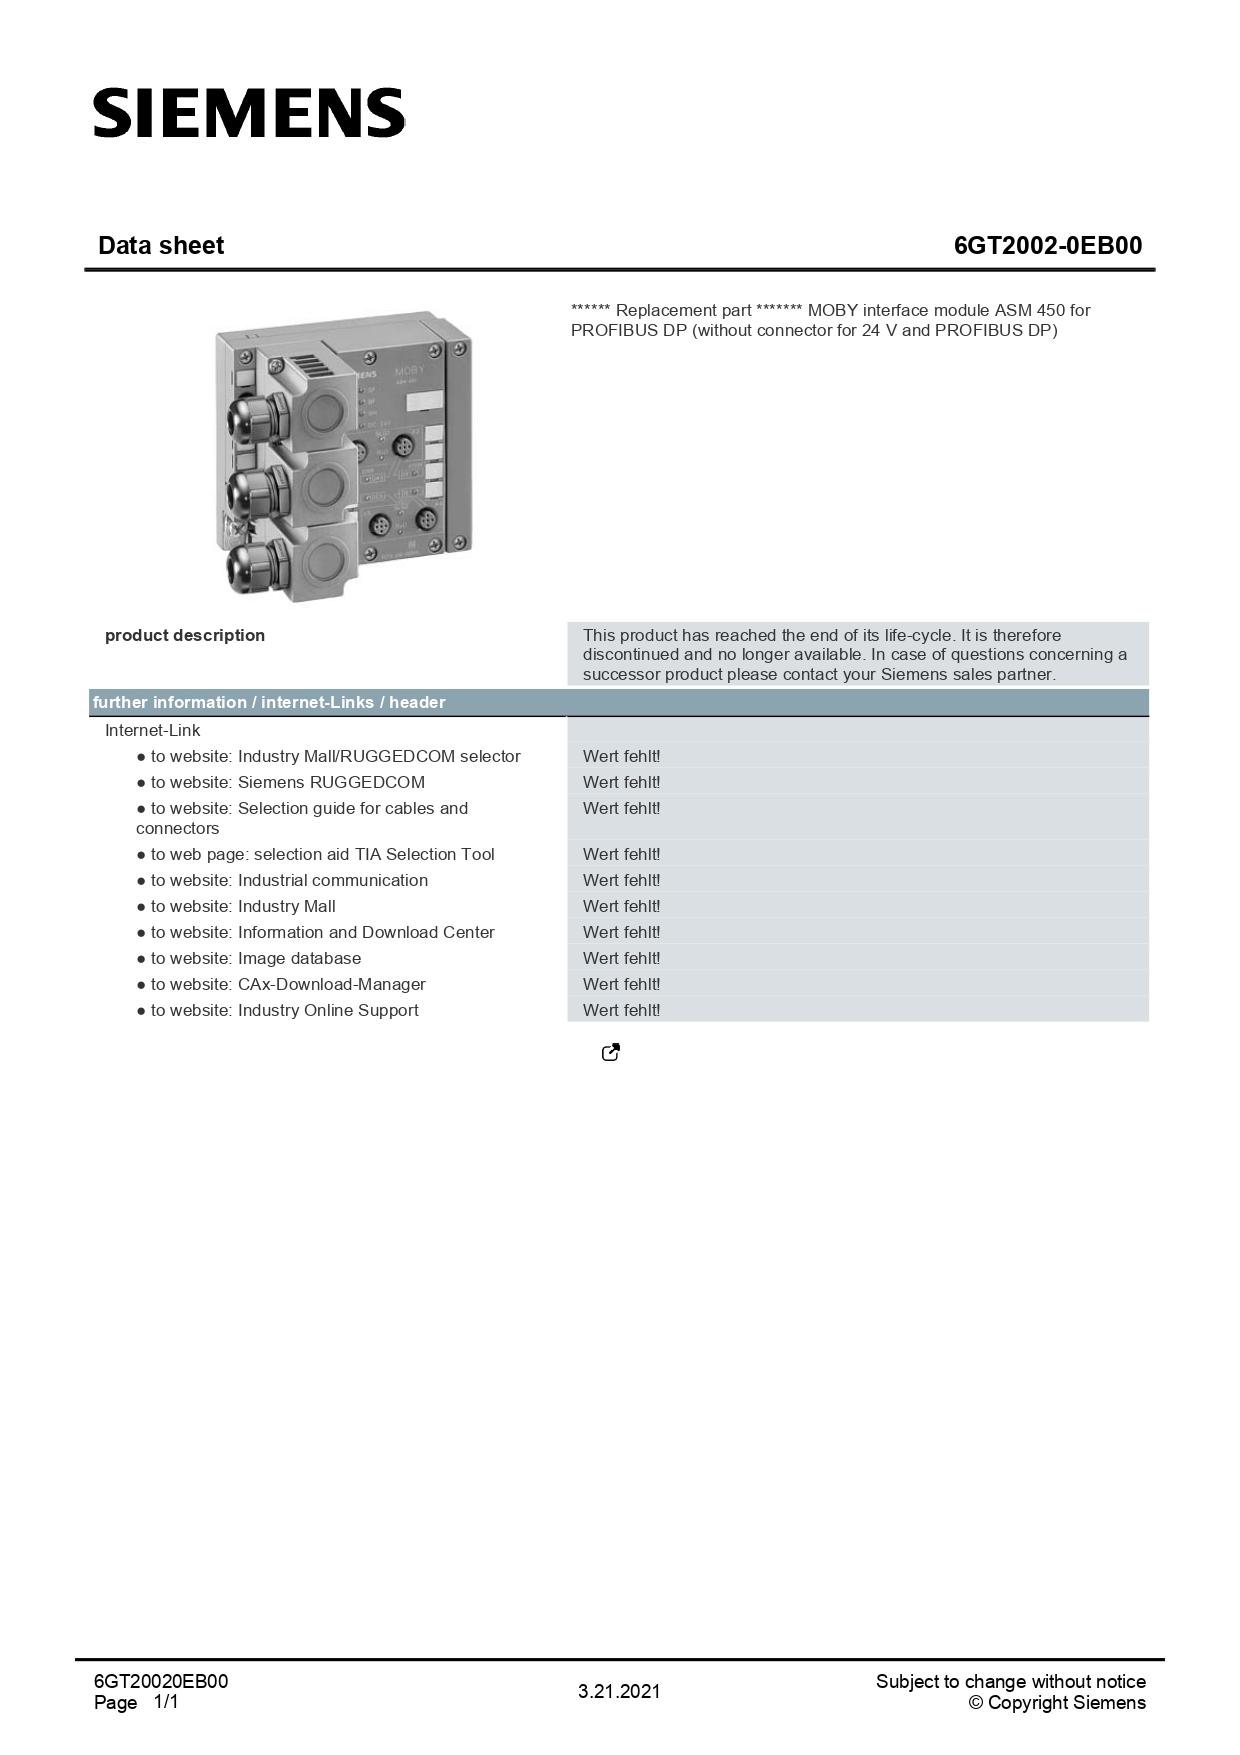 6GT20020EB00_datasheet